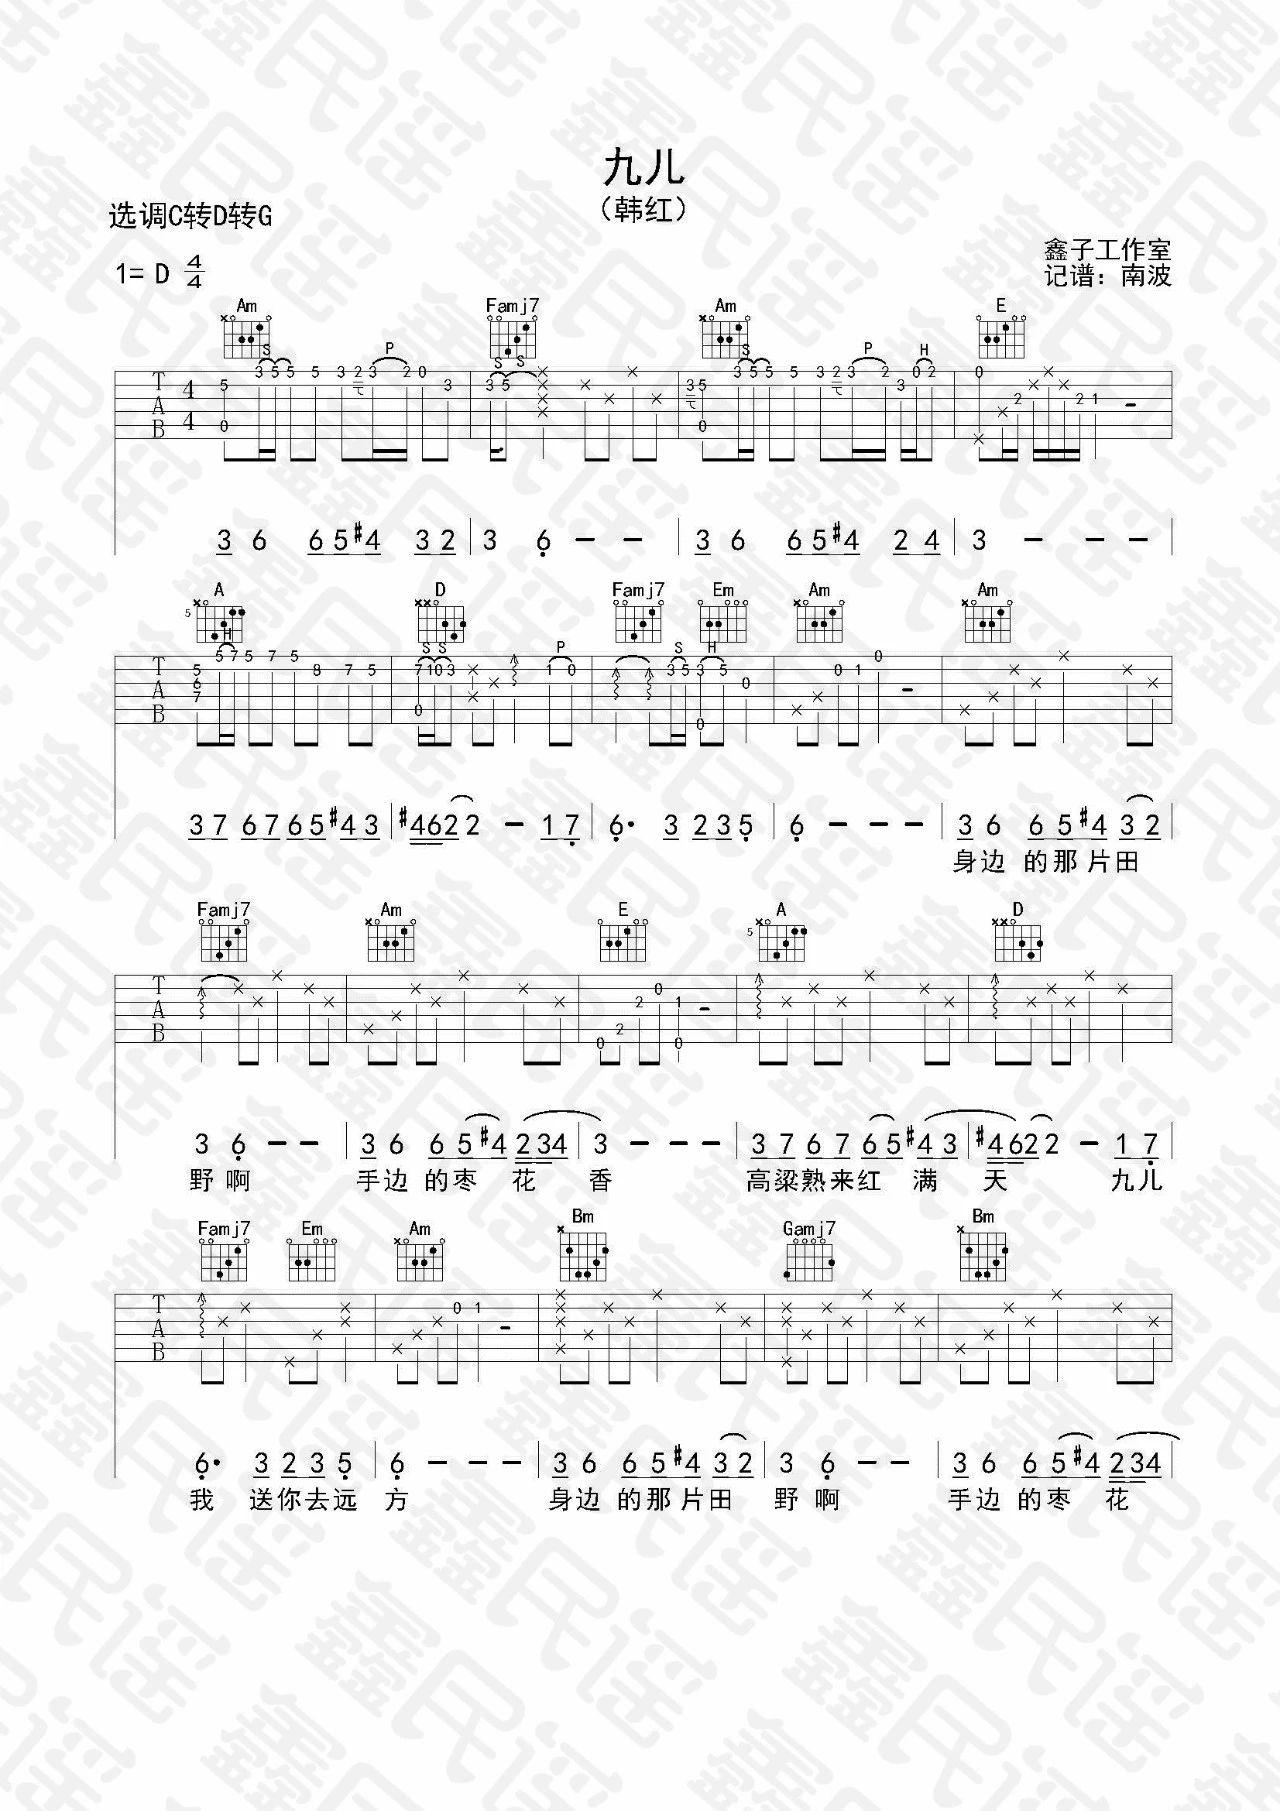 吉他派《九儿》吉他谱-1